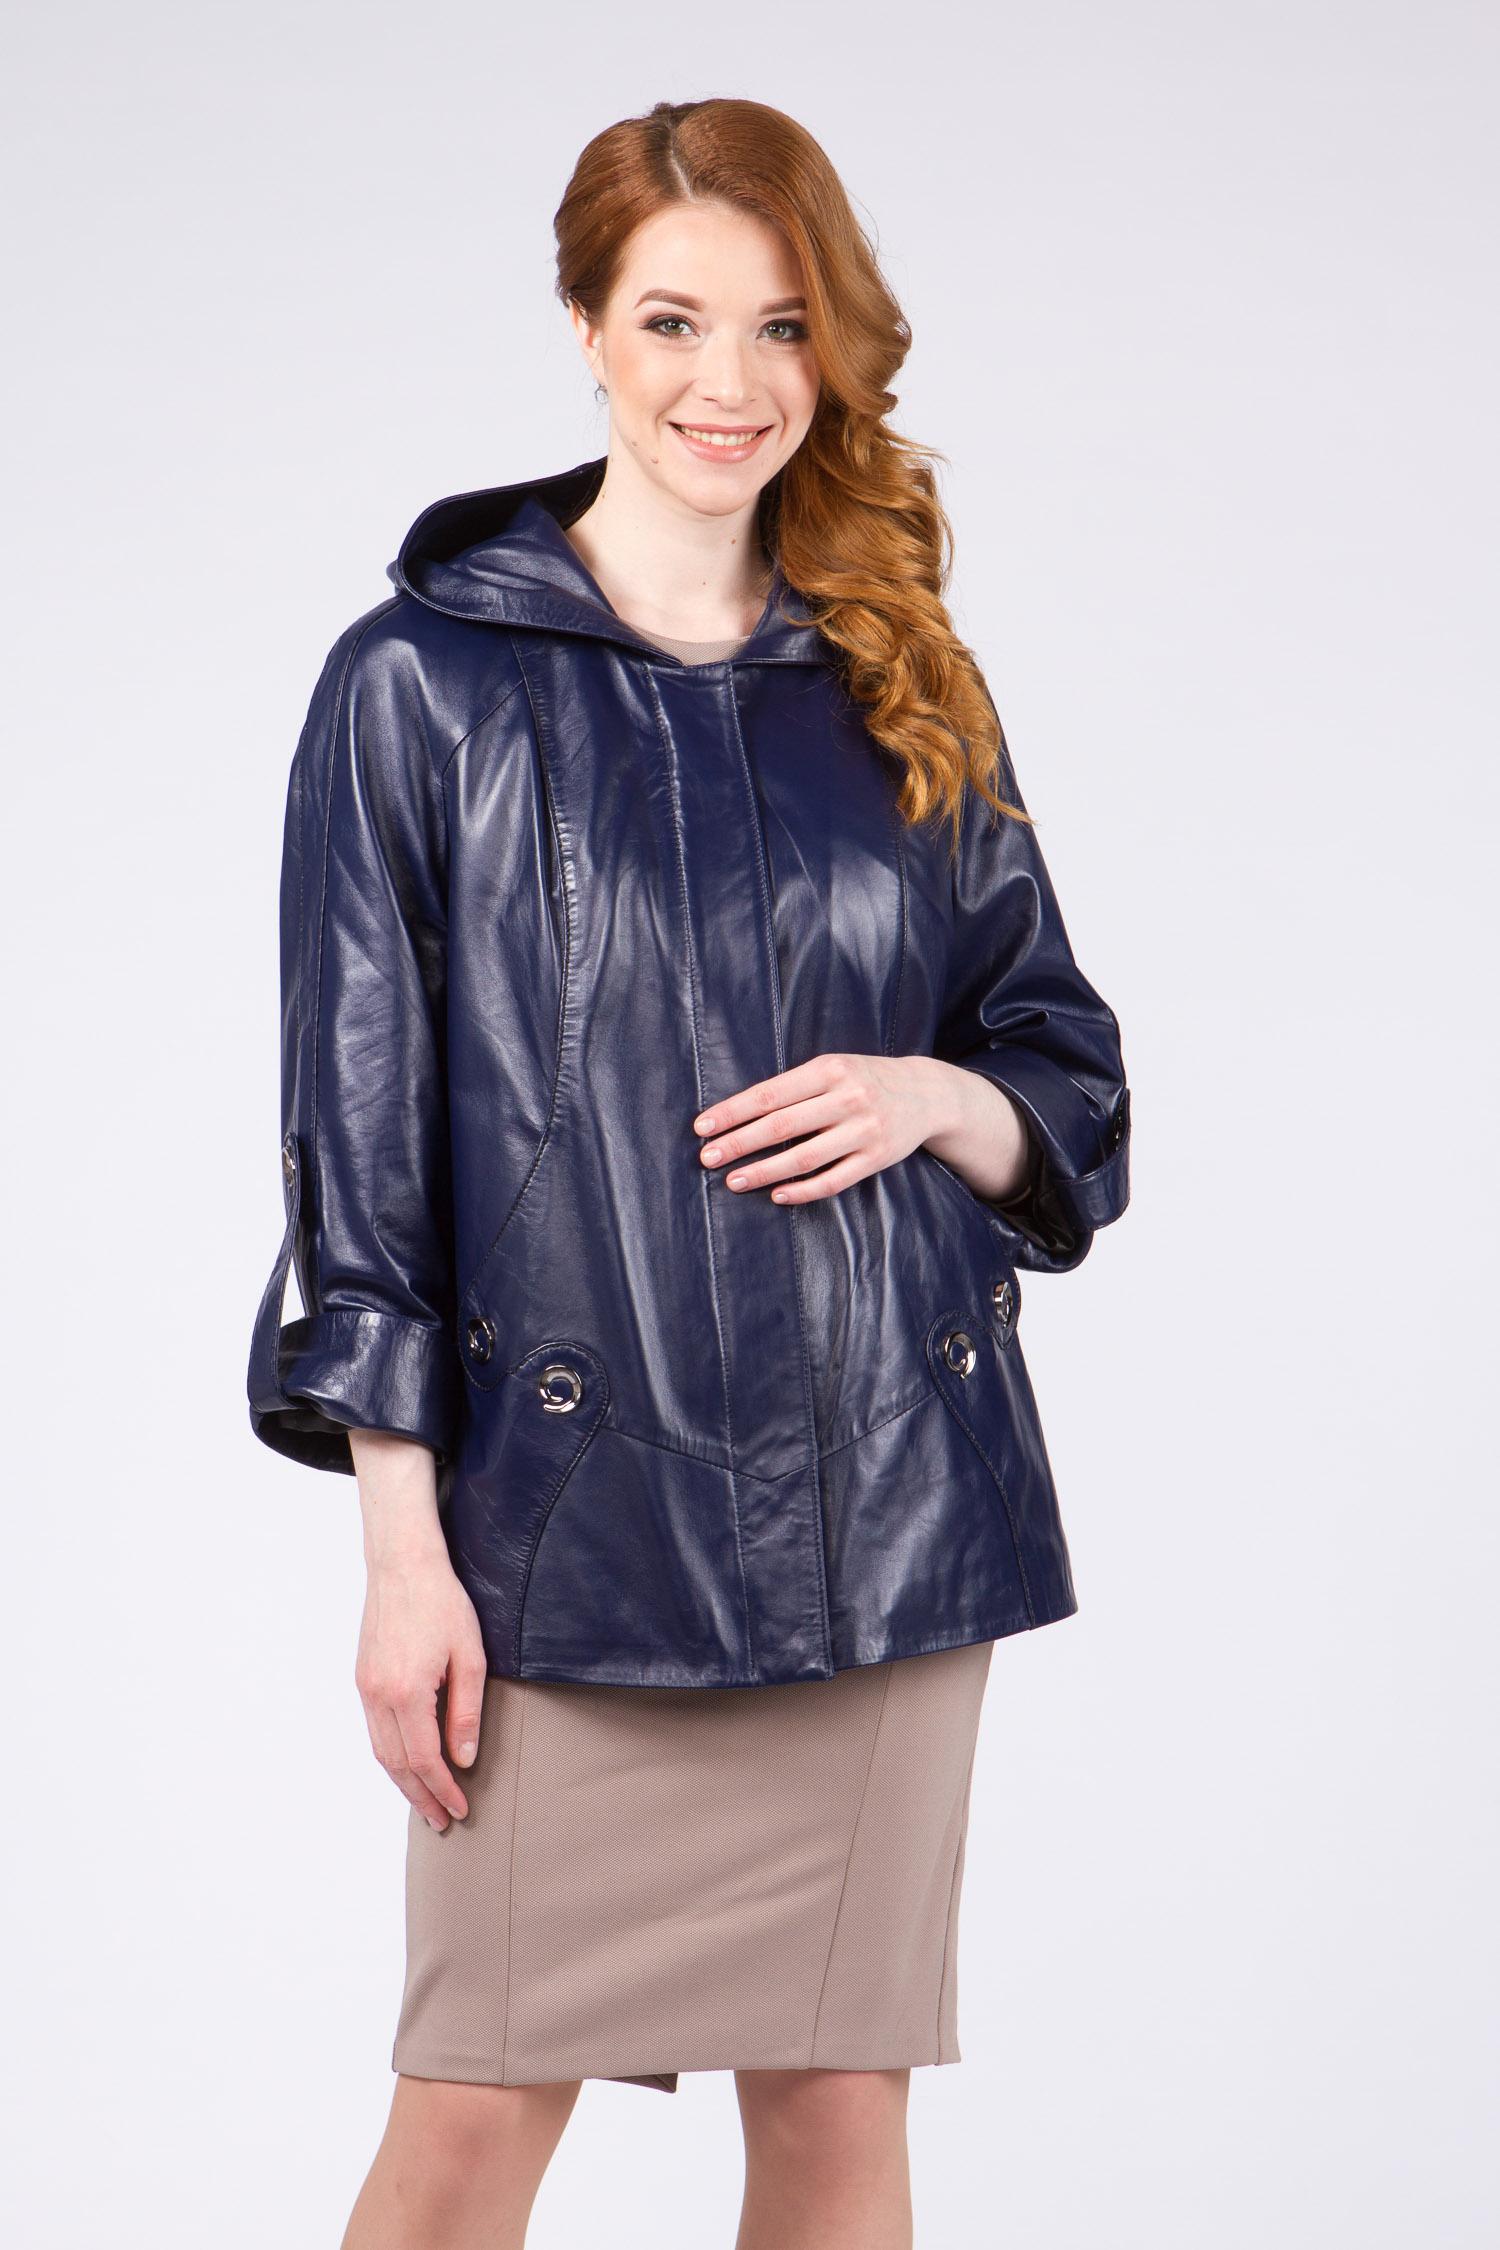 Женская кожаная куртка из натуральной кожи с капюшоном, без отделки<br><br>Воротник: капюшон<br>Длина см: Короткая (51-74 )<br>Материал: Кожа овчина<br>Цвет: синий<br>Вид застежки: потайная<br>Застежка: на молнии<br>Пол: Женский<br>Размер RU: 60